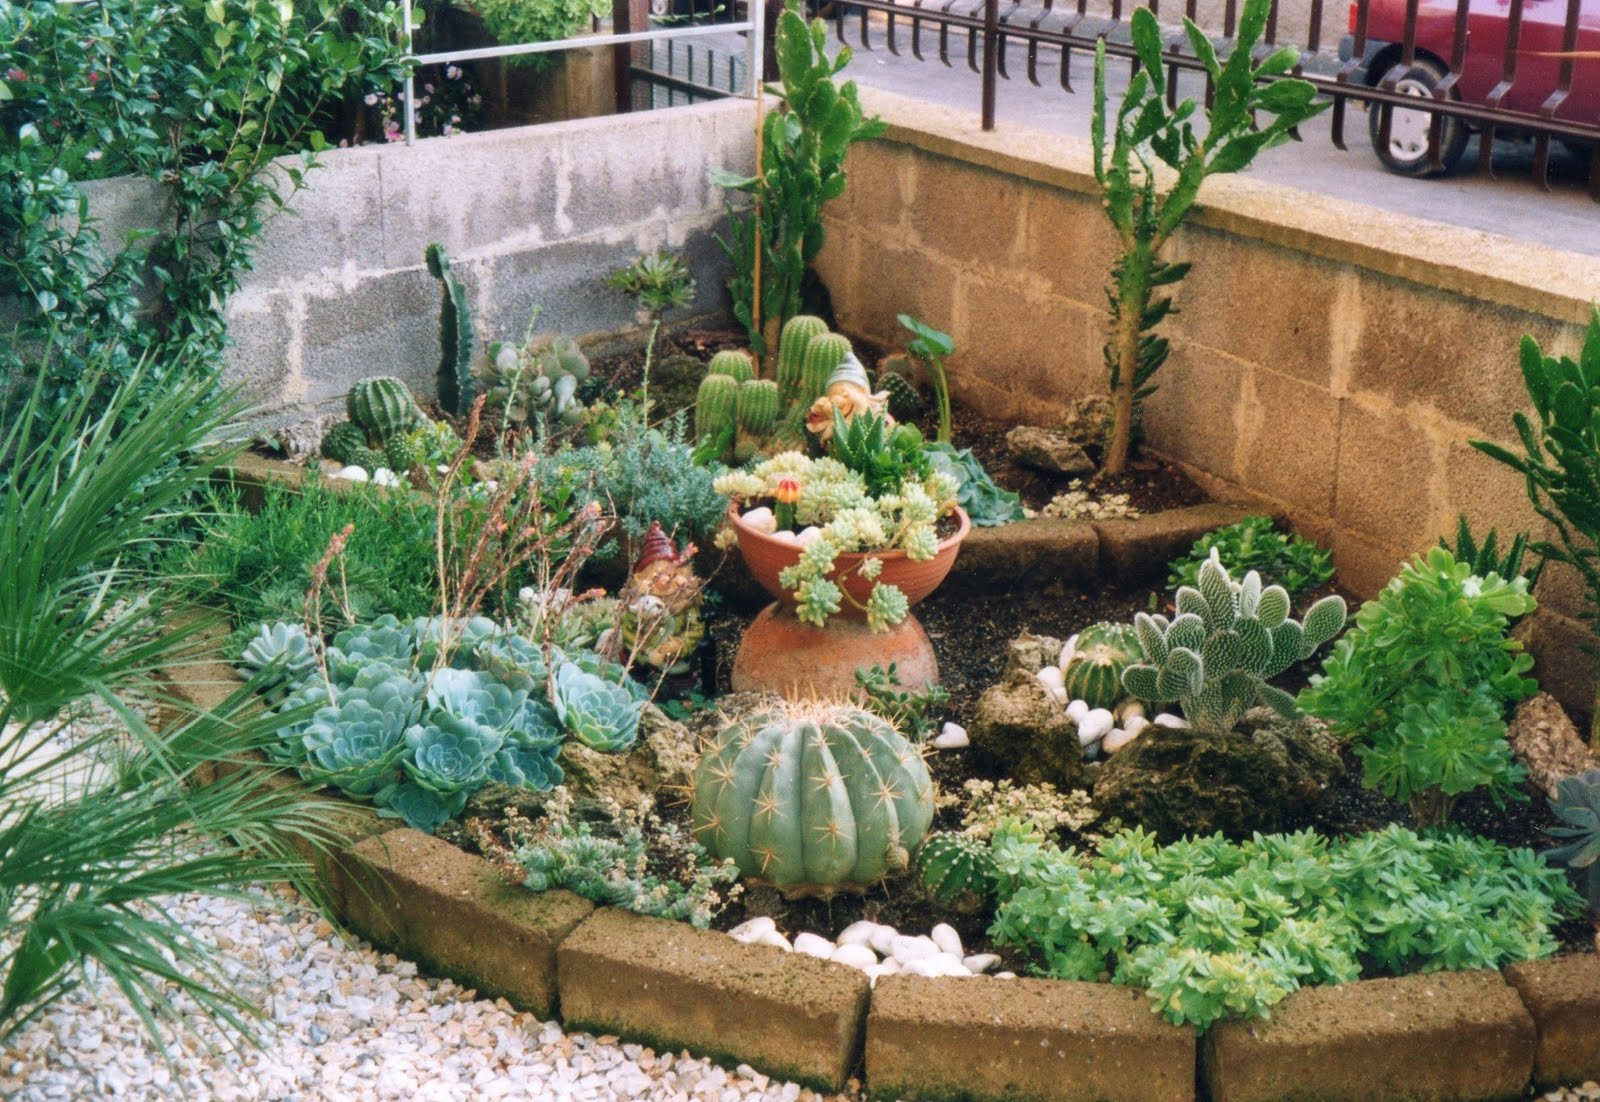 I giardini di carlo e letizia giardino di piante grasse for Piante da aiuola